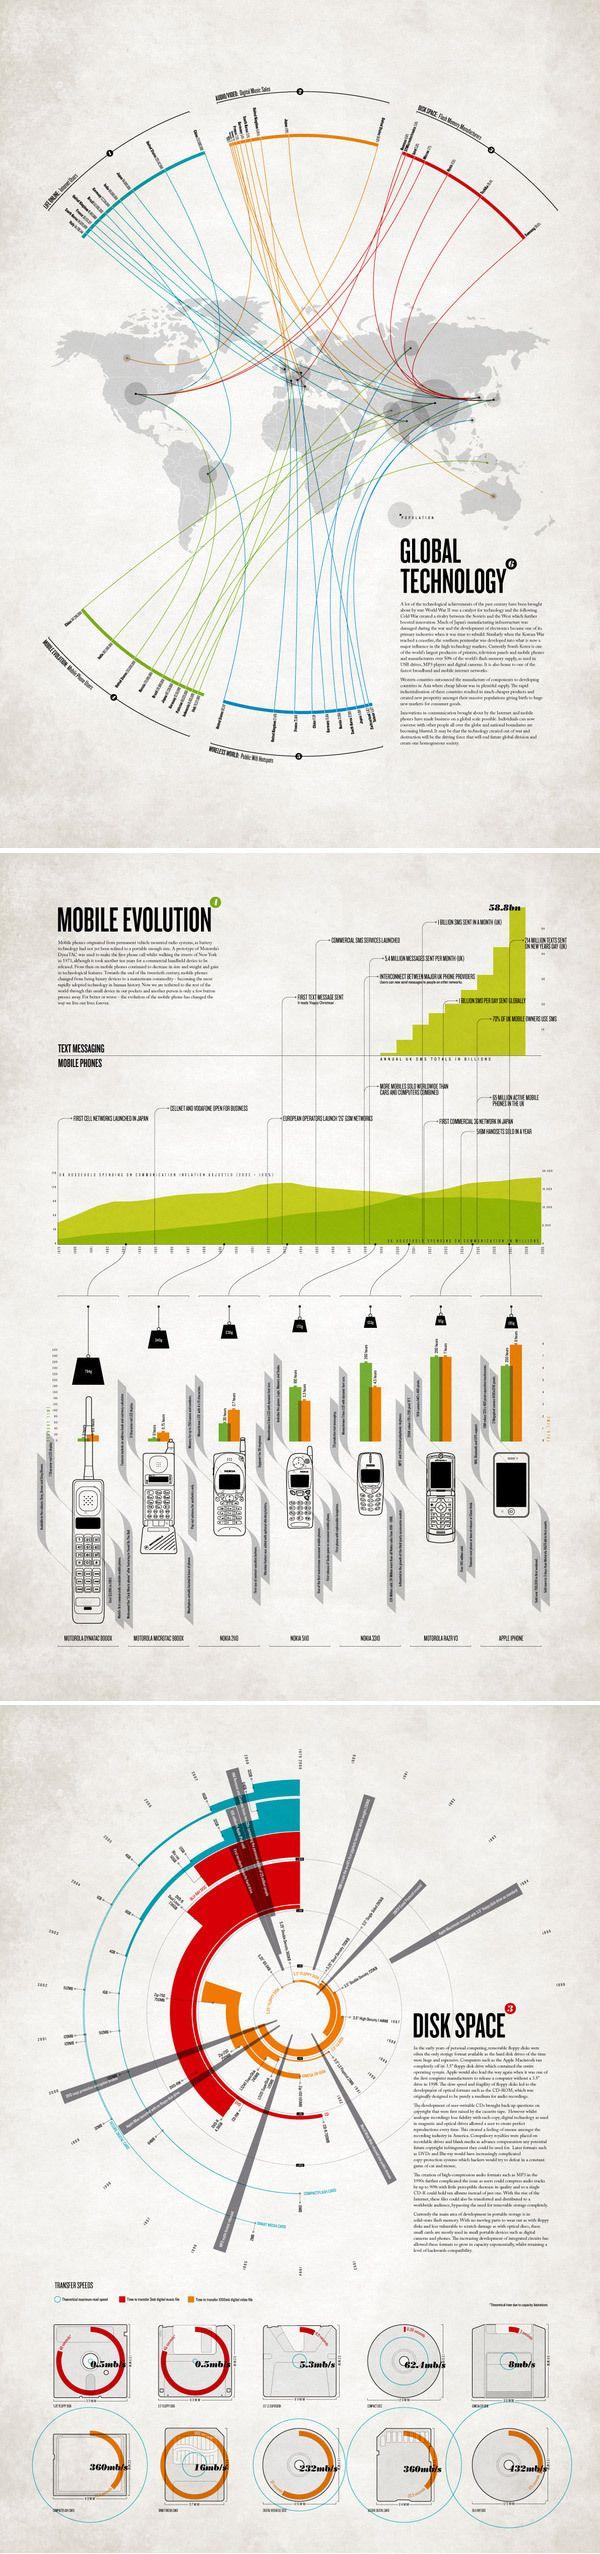 30 infographies et visualisations de données à connaître | Blog du Webdesign